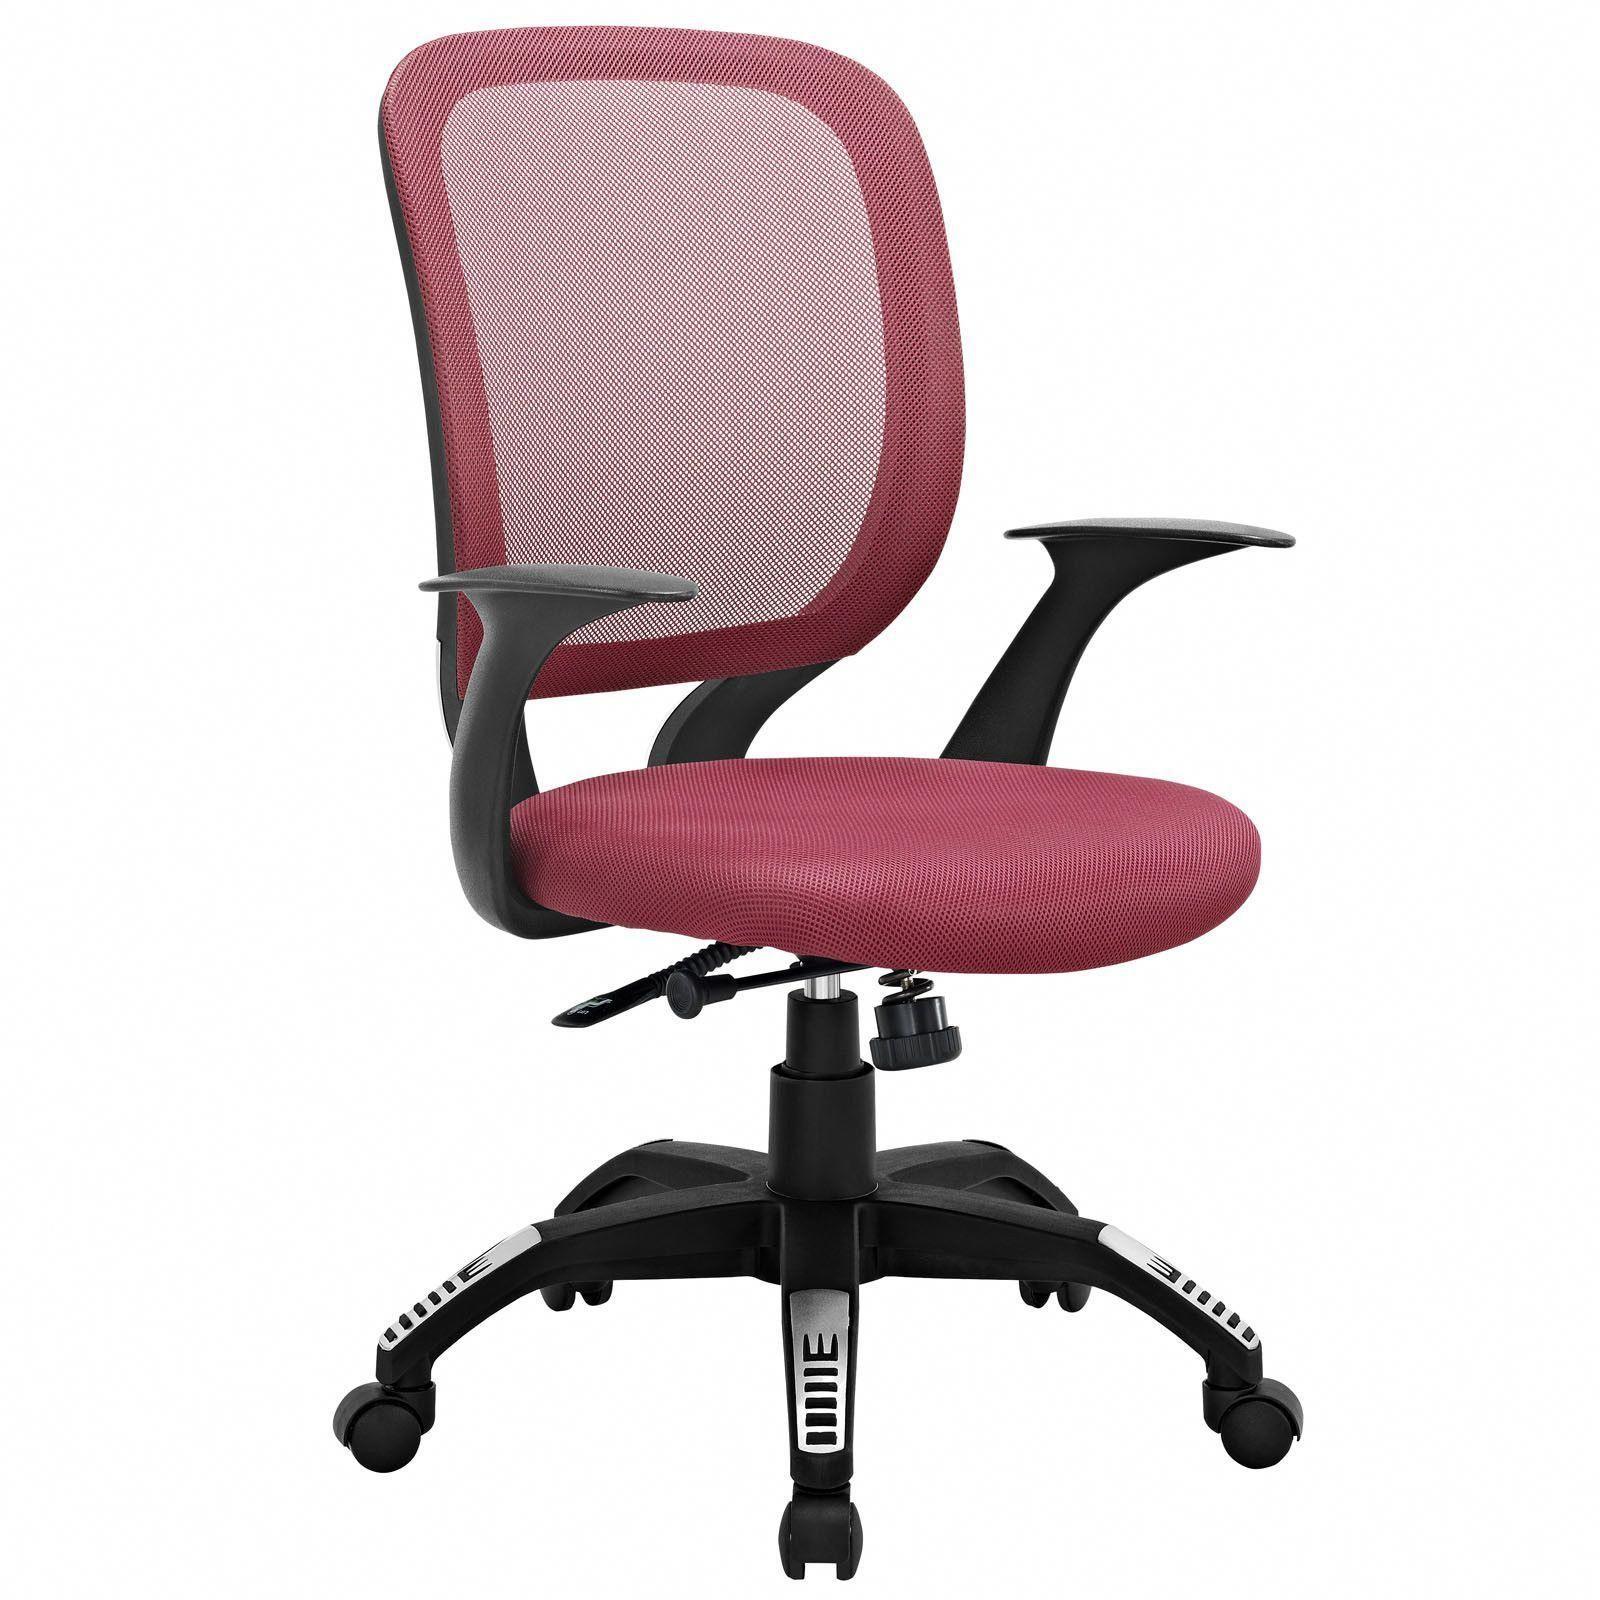 Big chairs for living room adirondackchaircushions